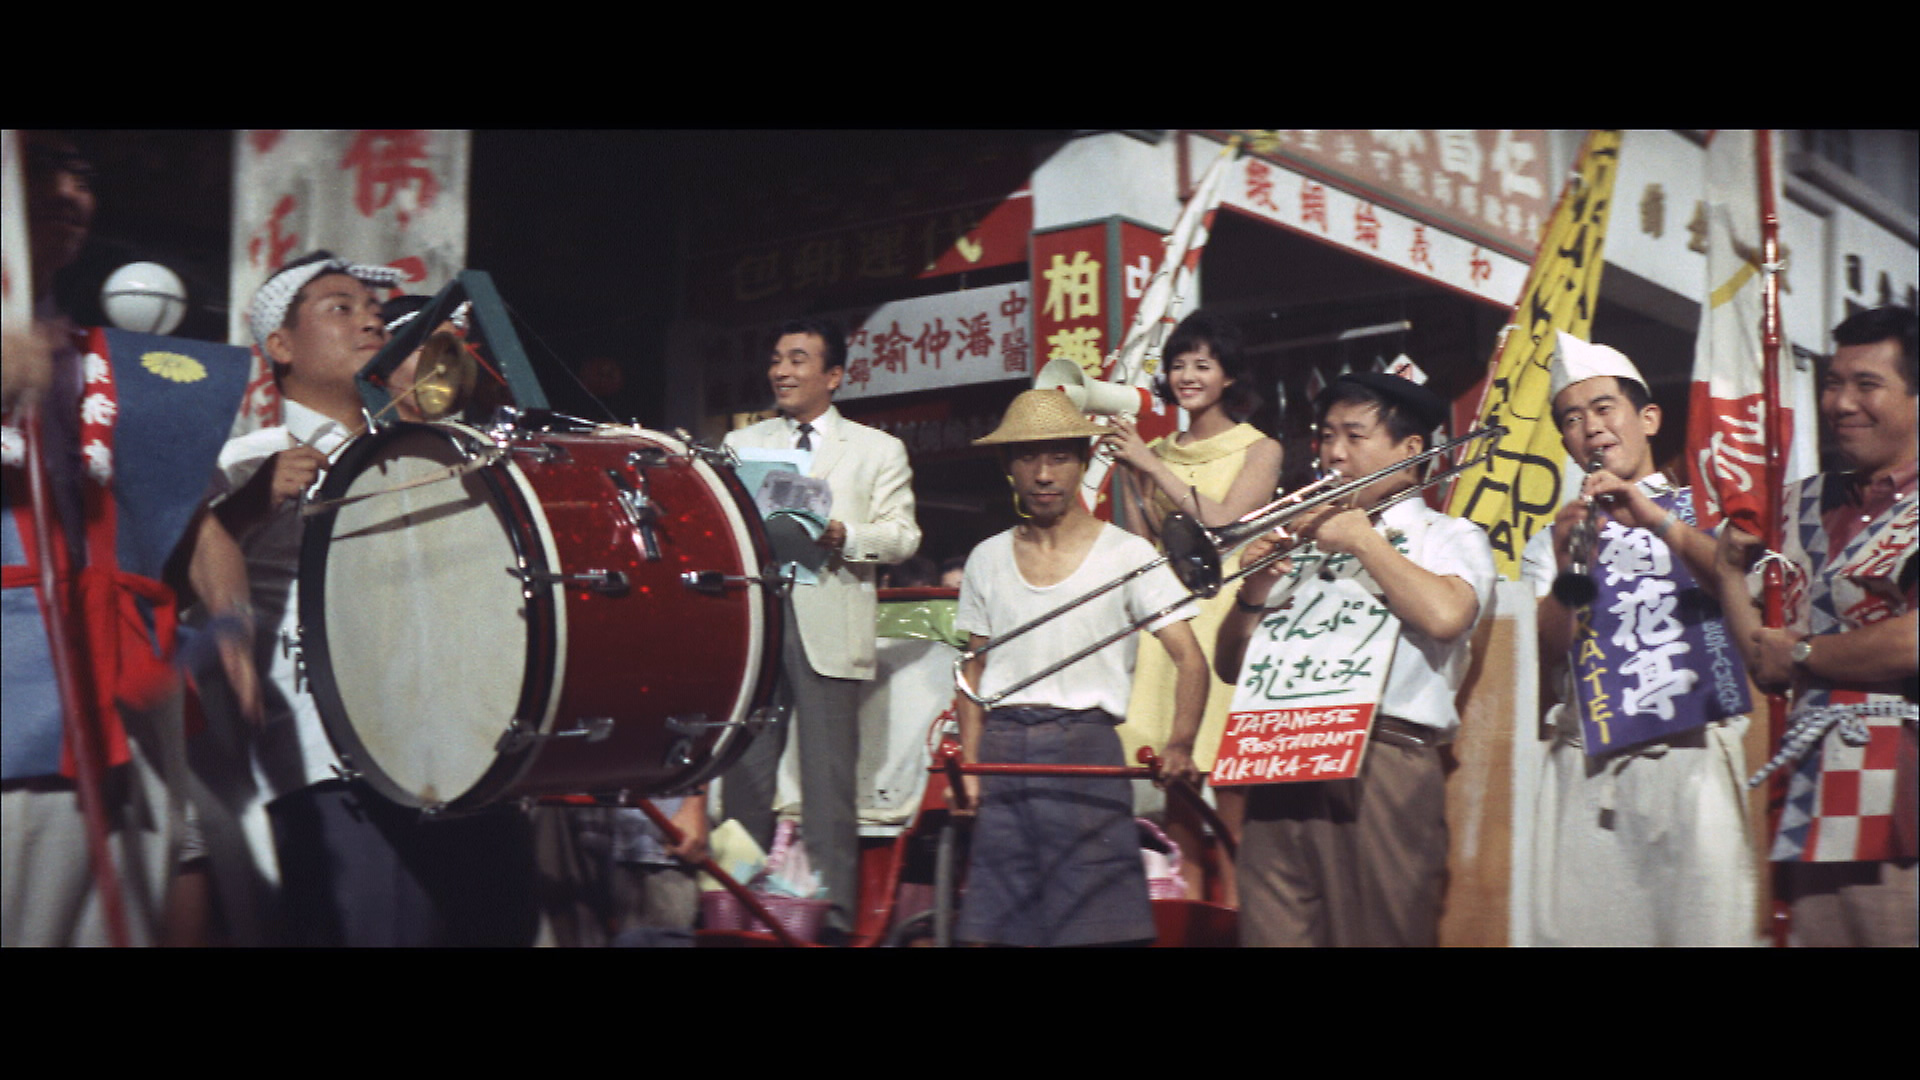 映画「香港クレージー作戦」【無料BS初放送】